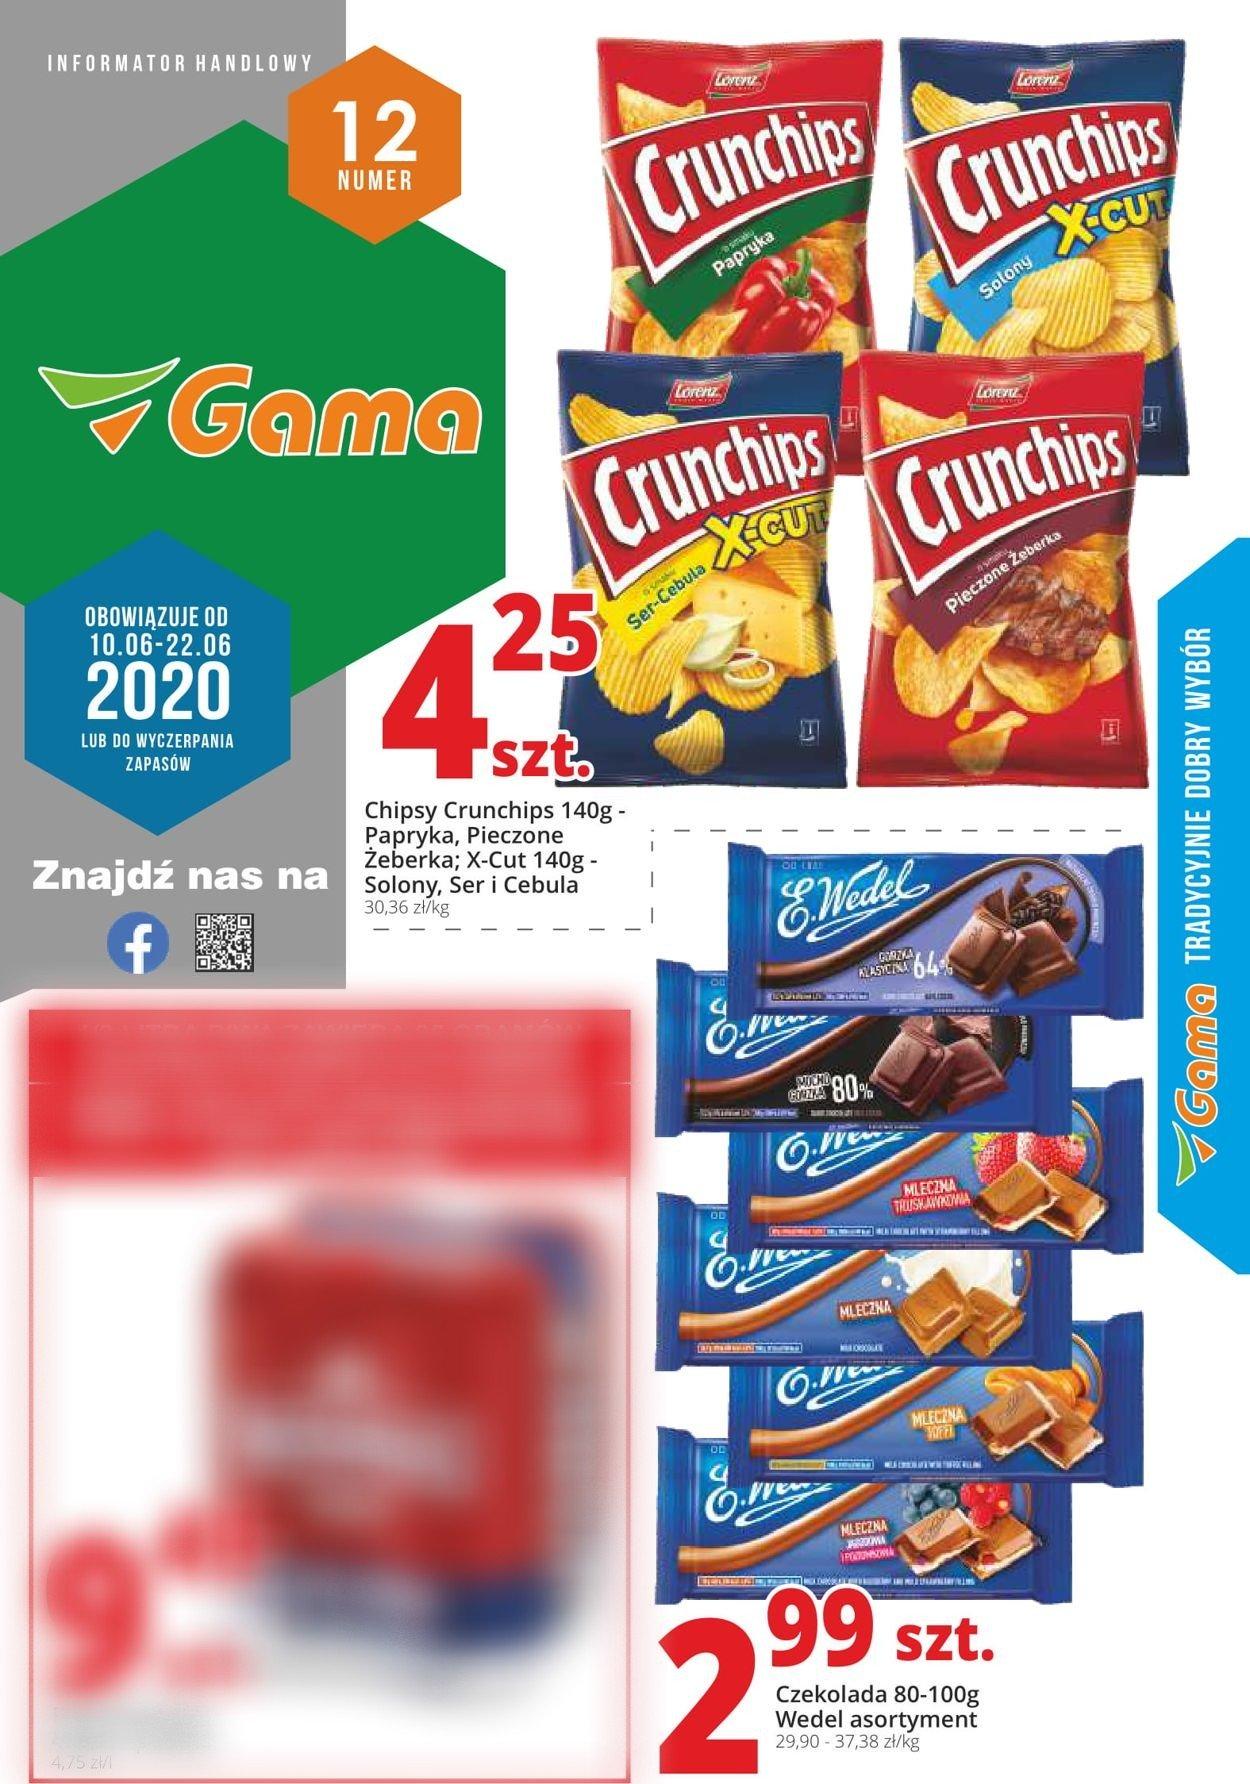 Gazetka promocyjna Gama - 18.06-29.06.2020